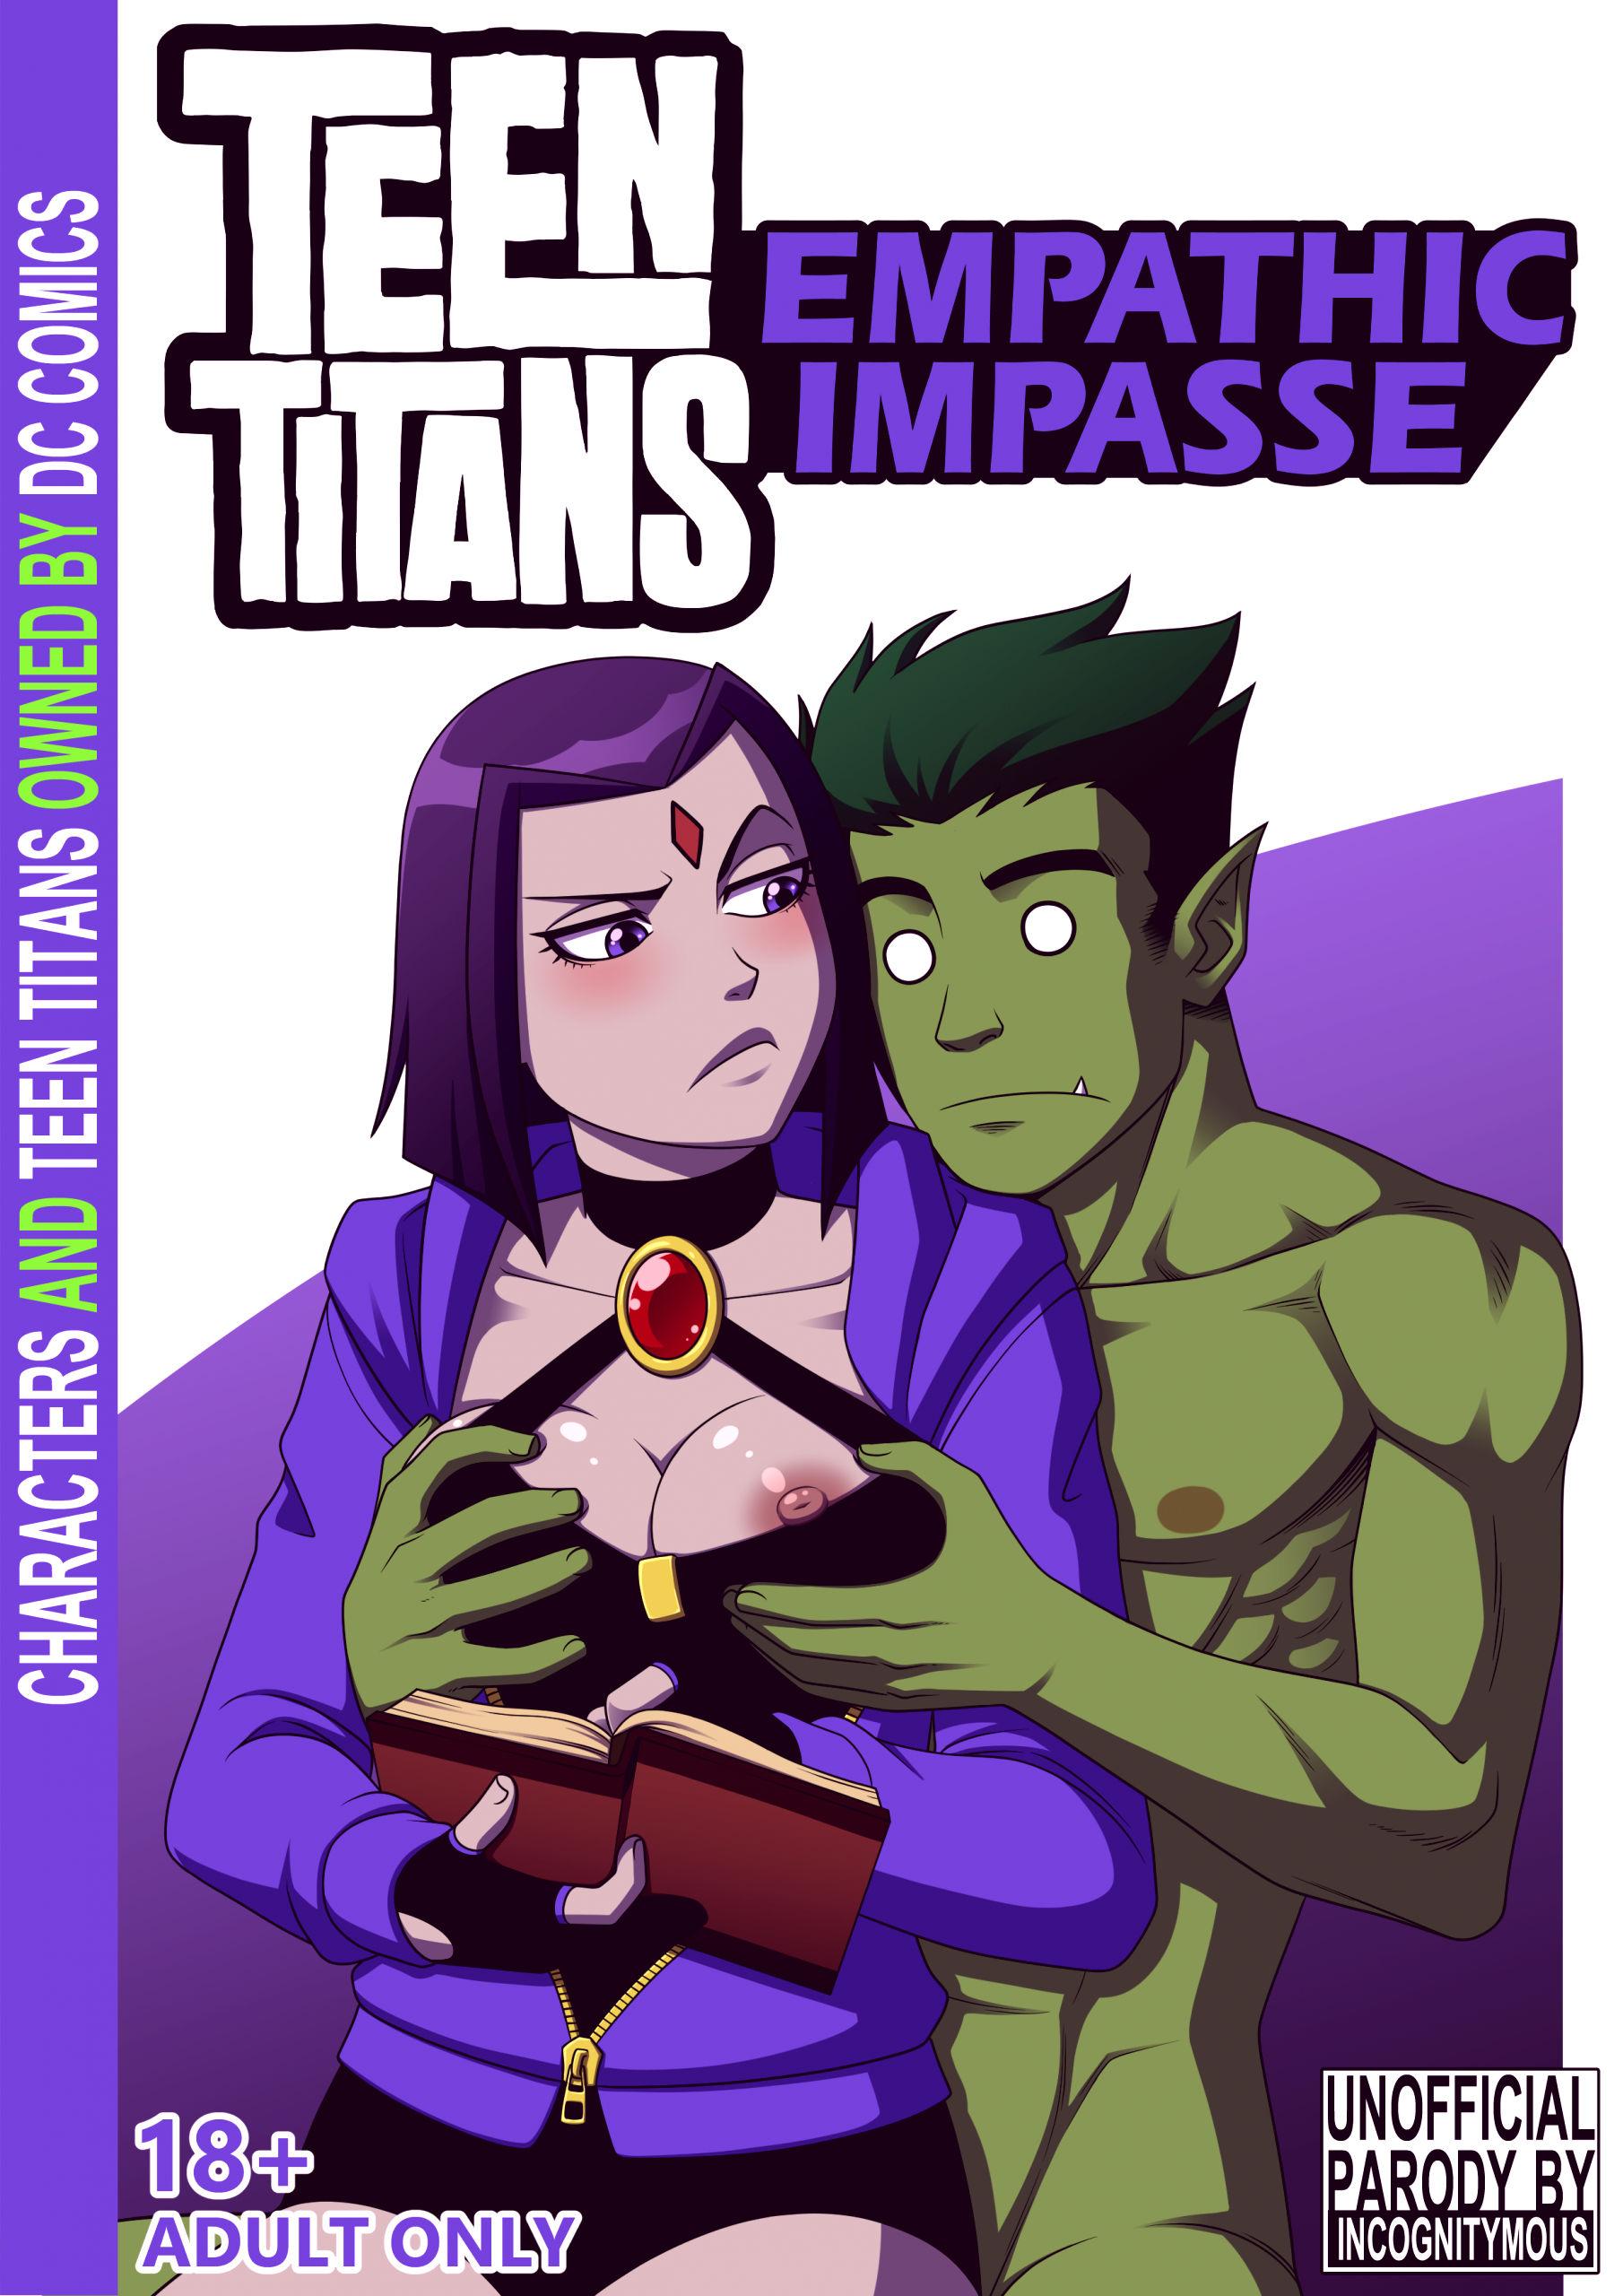 Empathic impasse porn comic picture 1